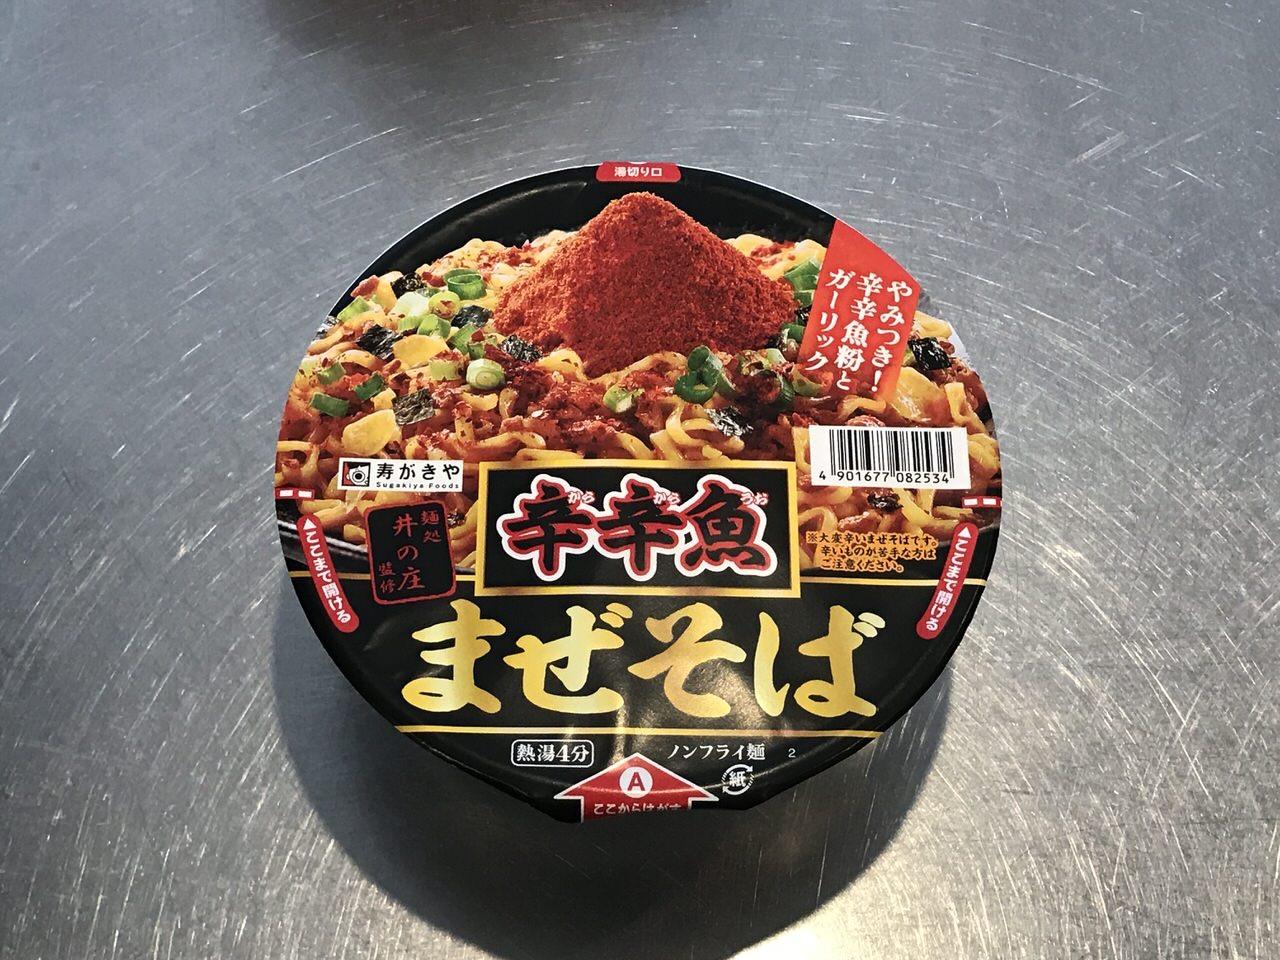 【ローソン限定】麺処井の庄監修「寿がきや 辛辛魚まぜそば」もちもち麺に真っ赤な魚粉が美味い!